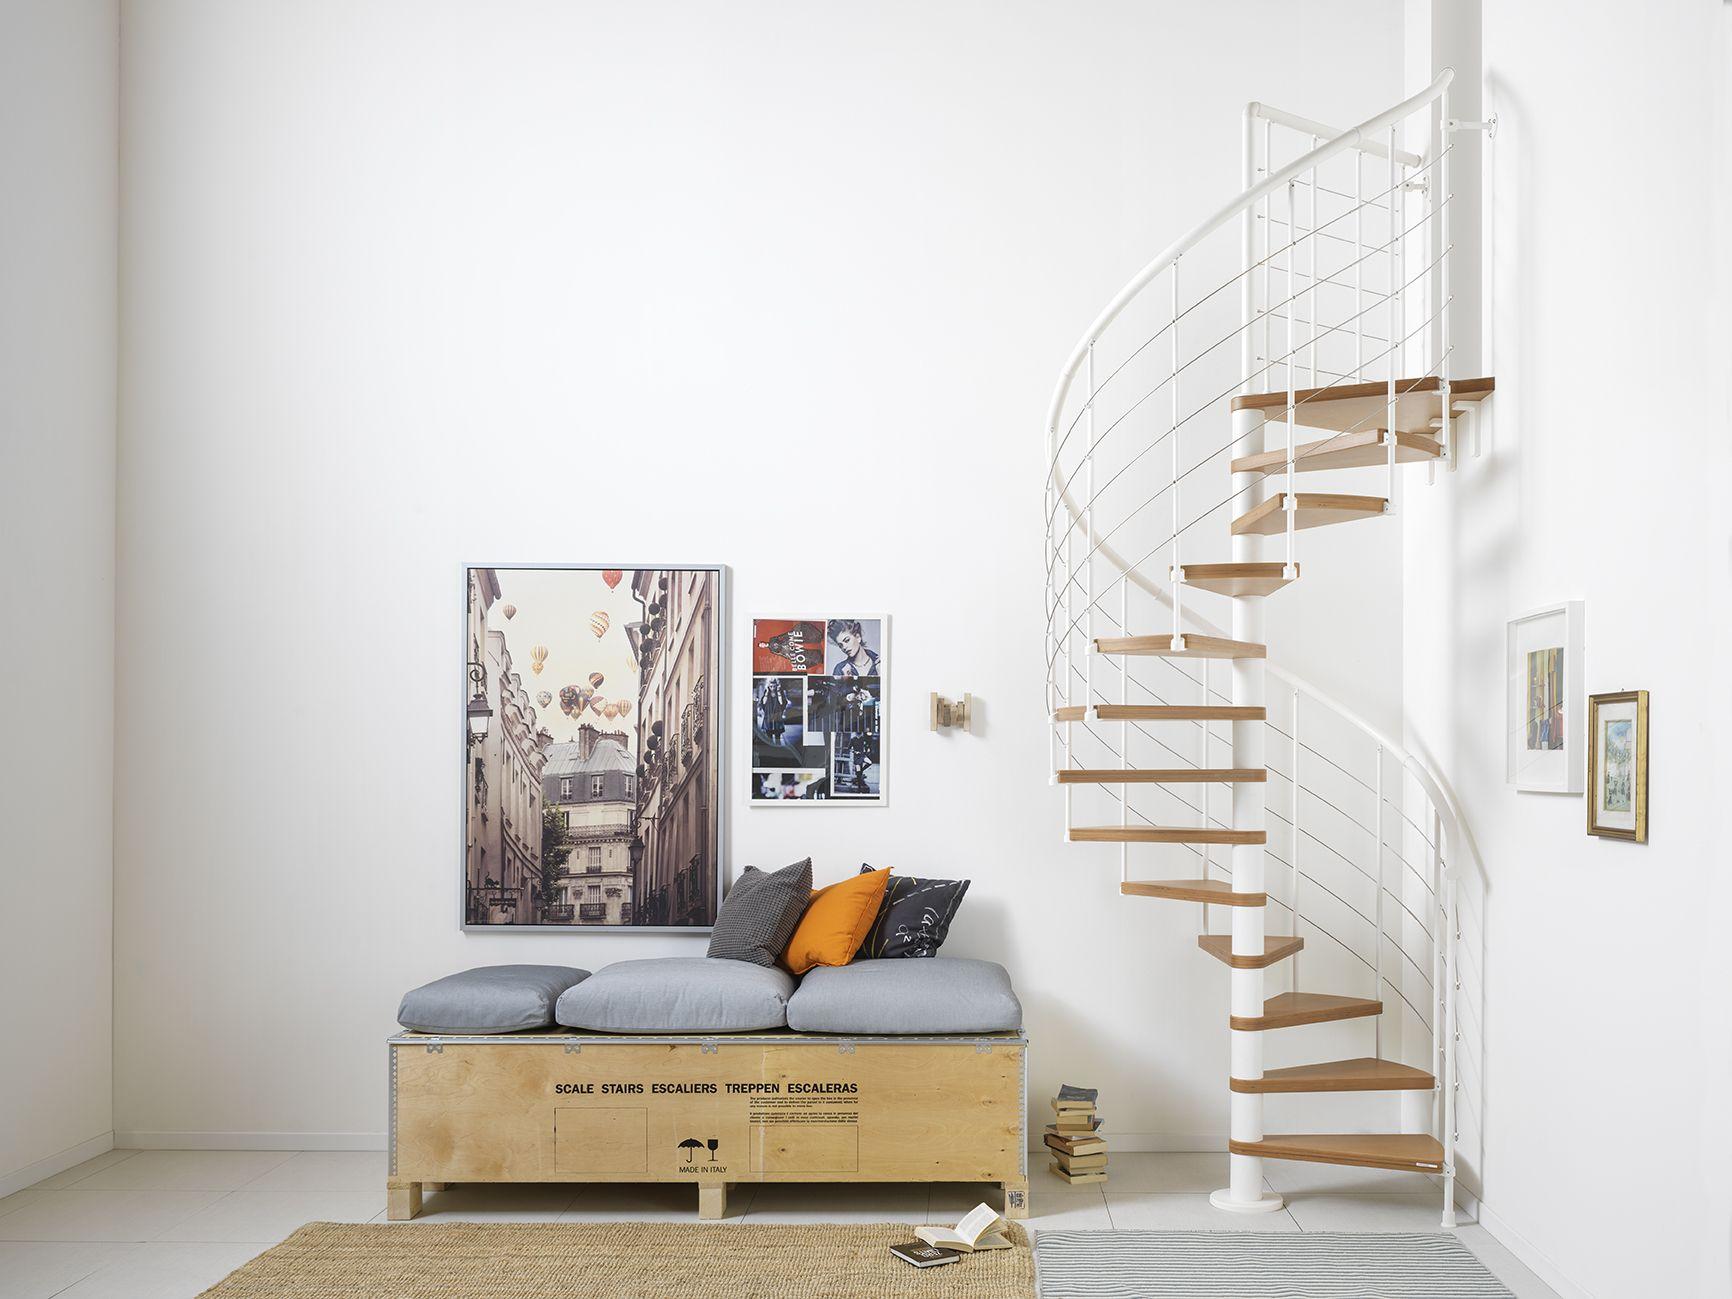 Modèle escalier intérieur #escalier #colimaçon pour salon | Design ...